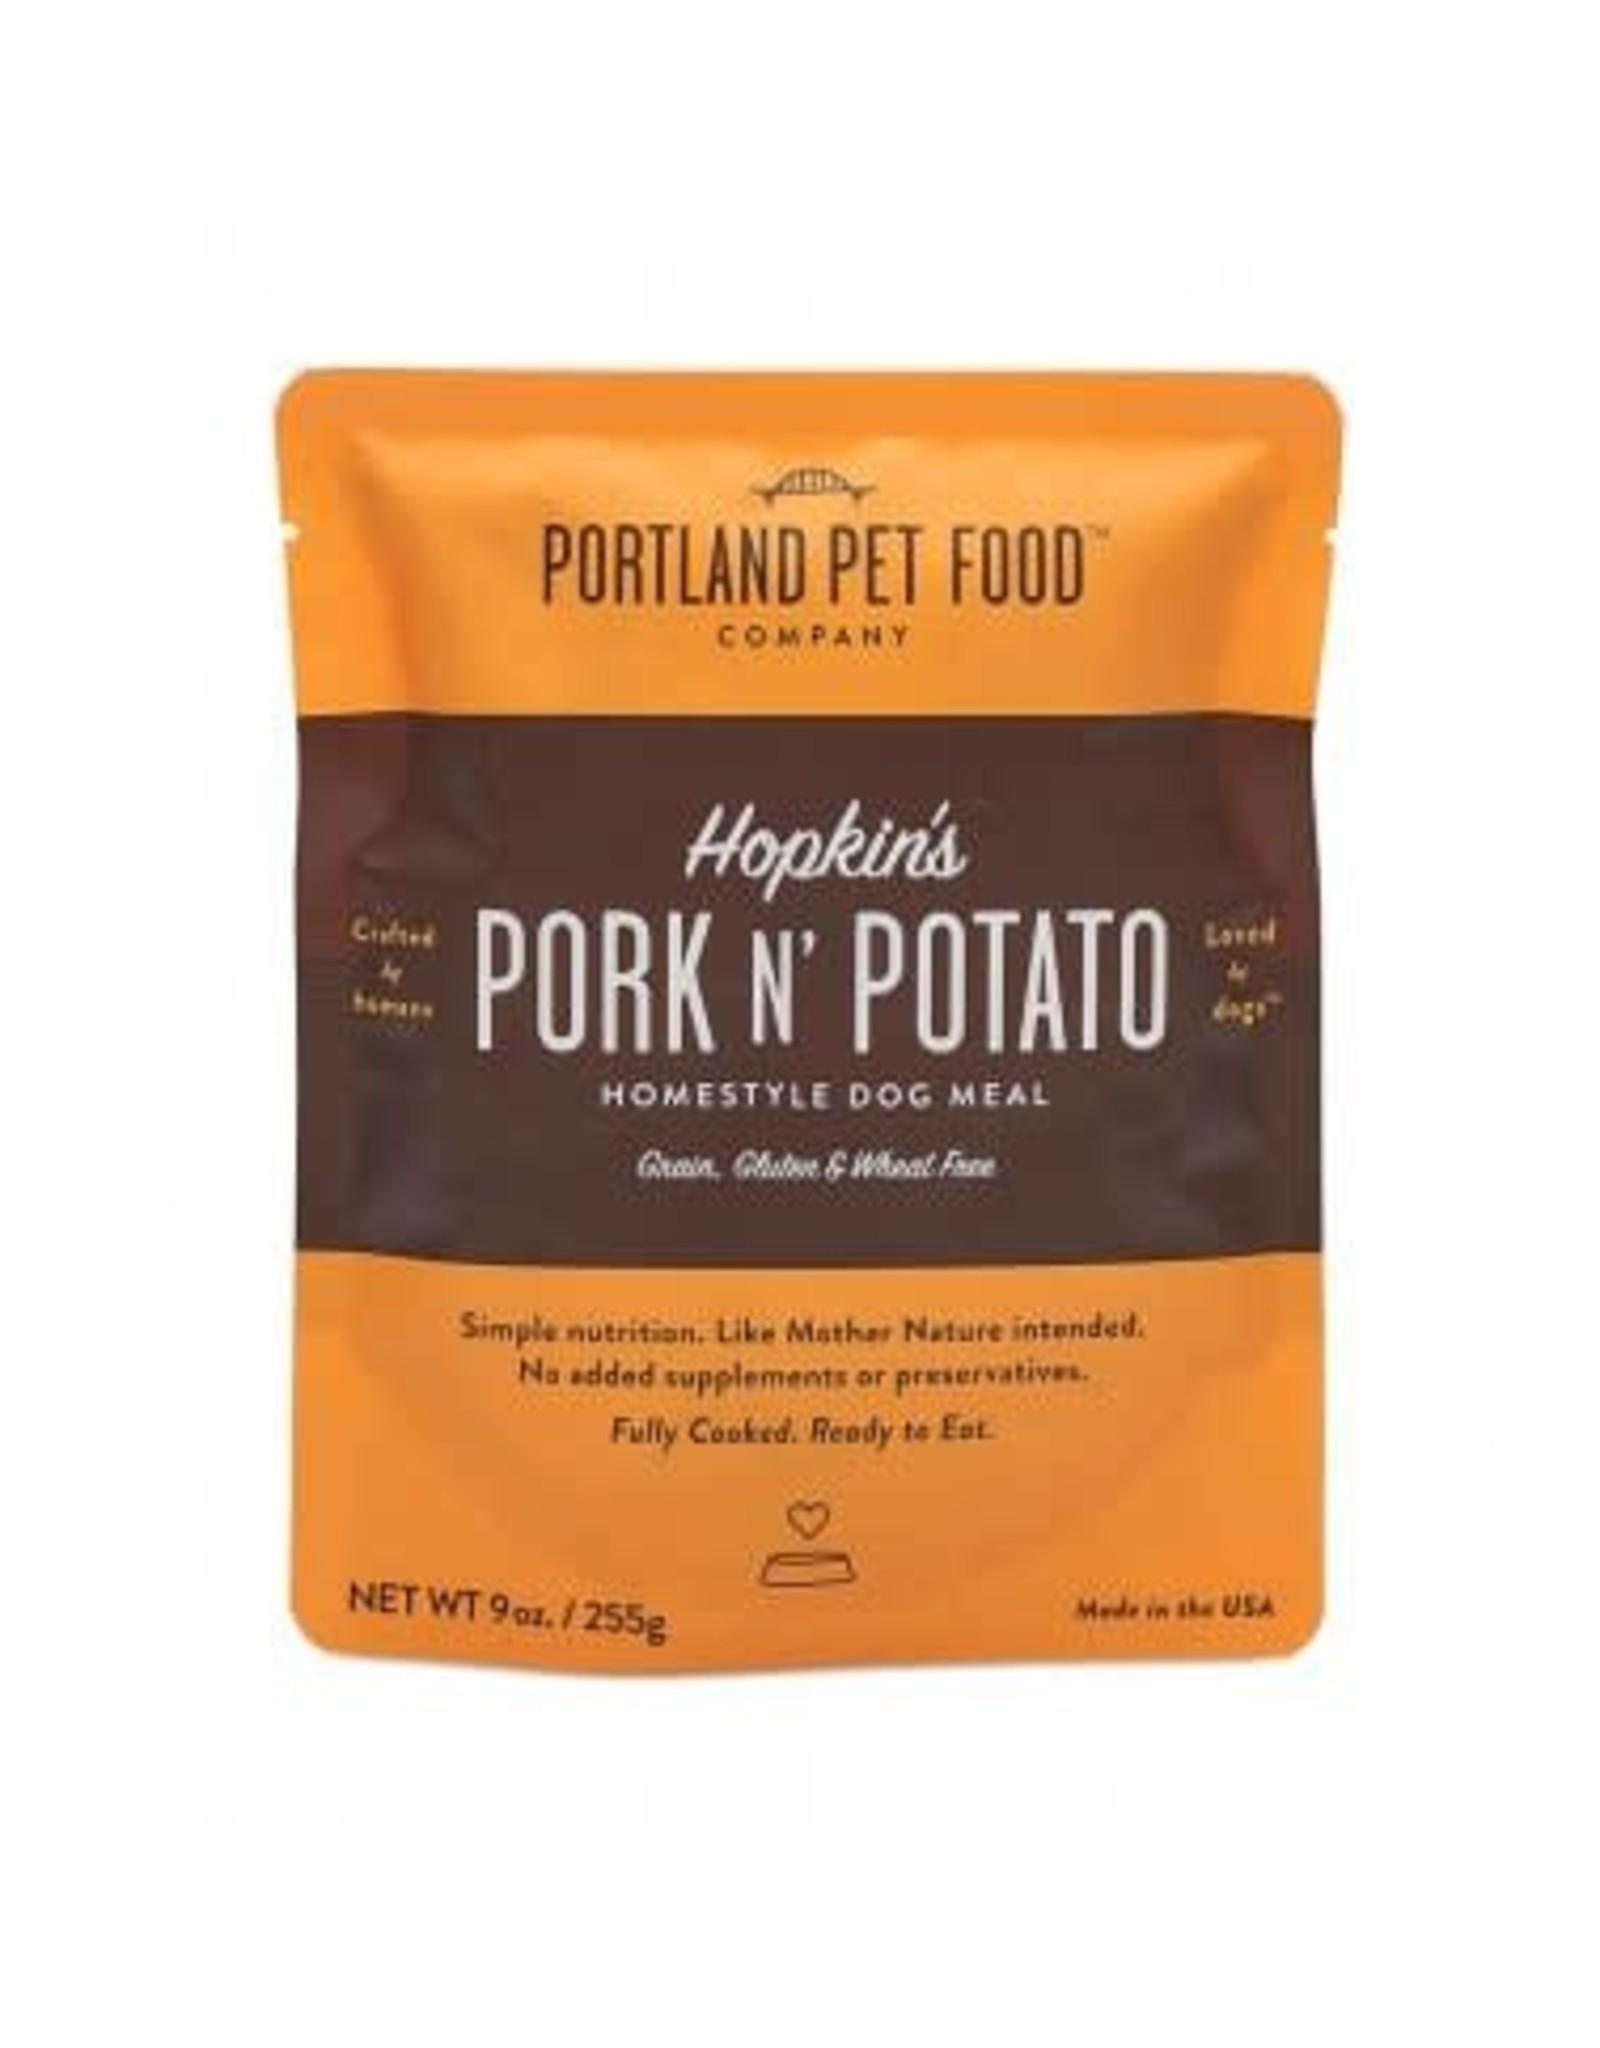 Portland Pet Food Portland Pet Food Hopkin's Pork N Potato Homestyle Dog Meal 9oz